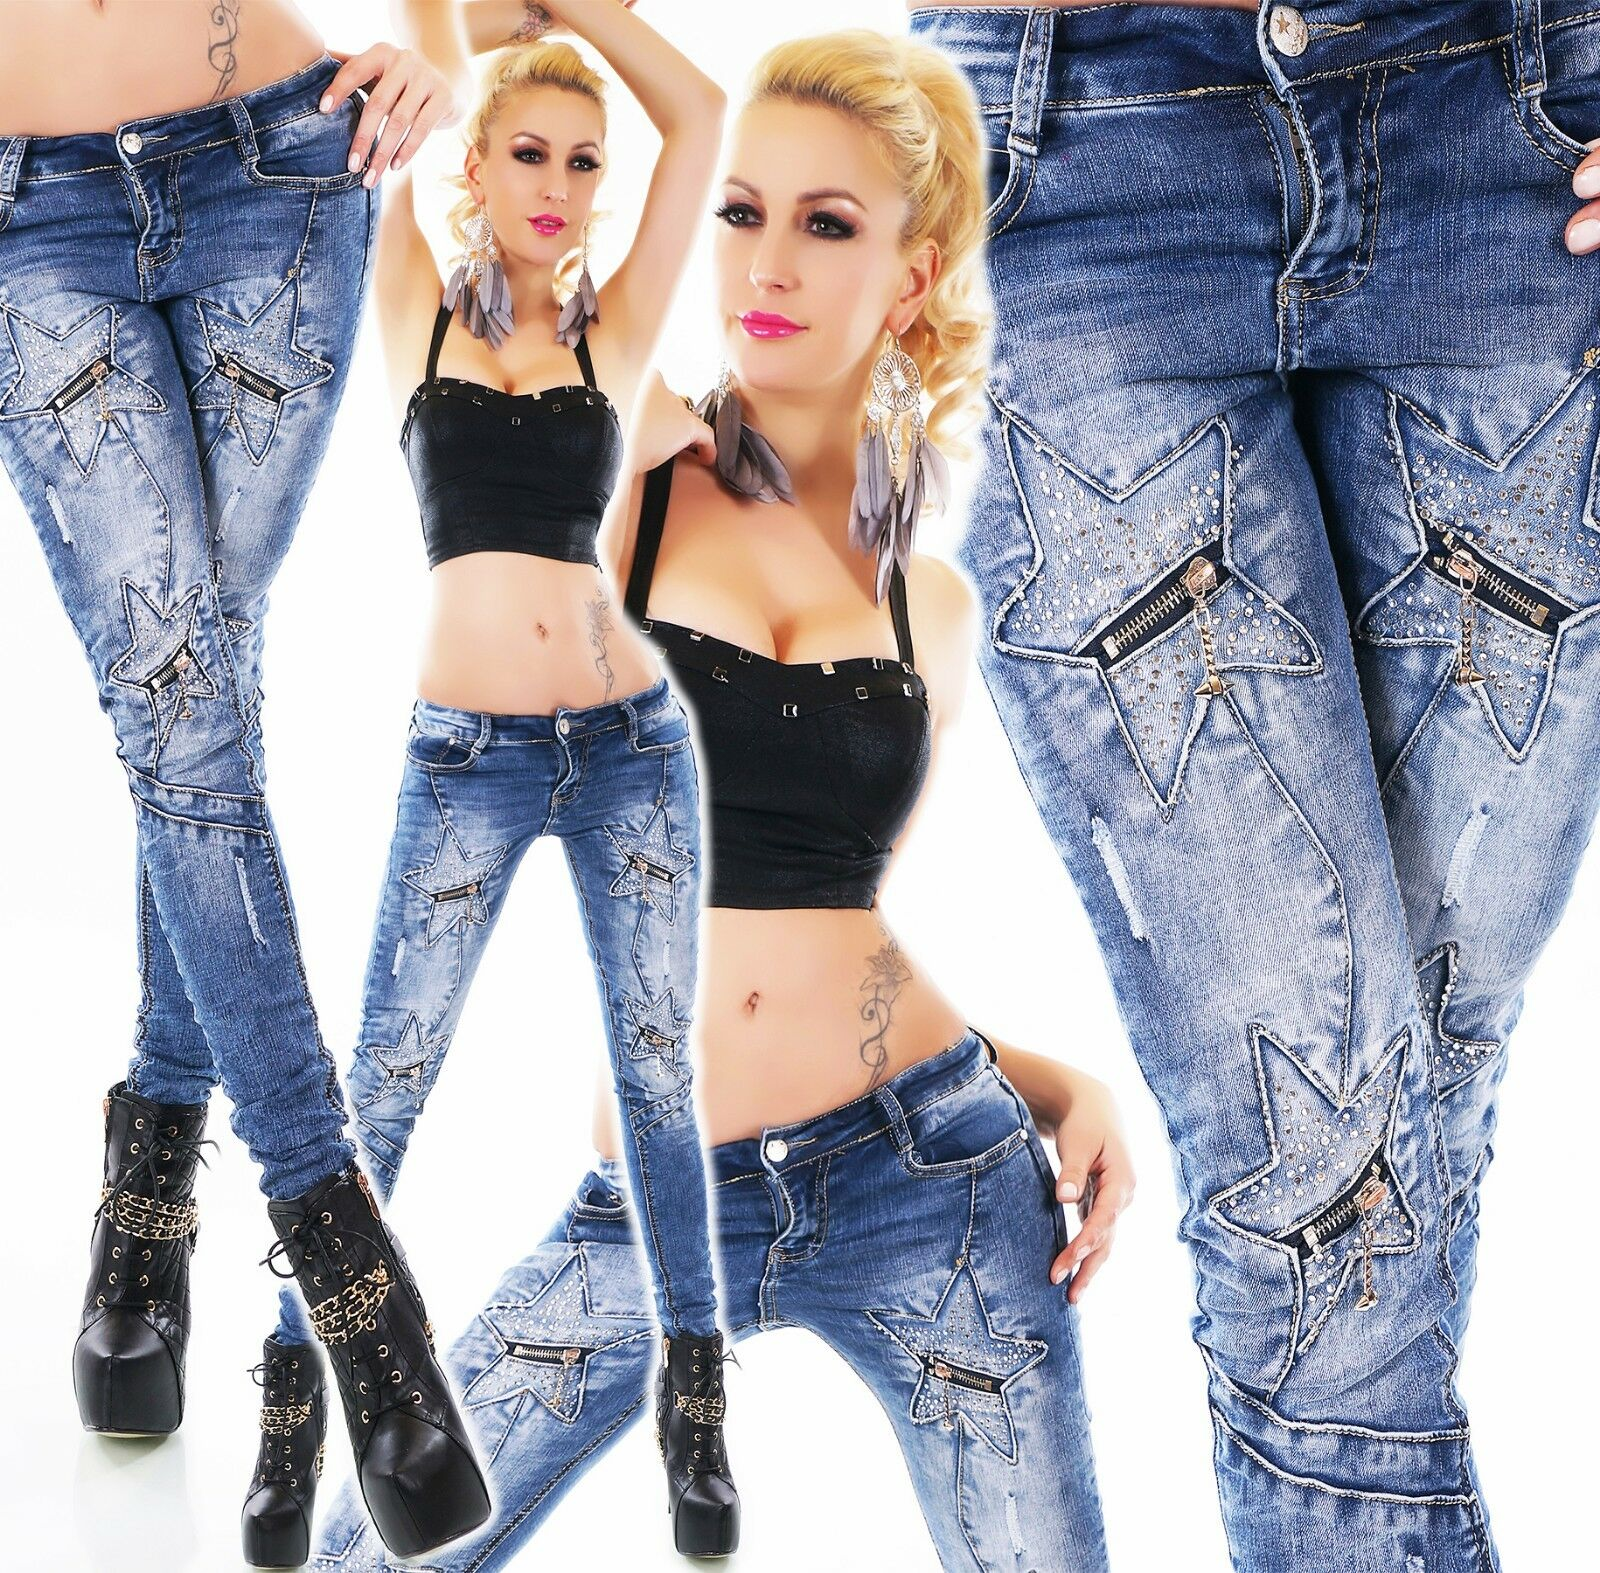 Donna Jeans Anca Pantaloni Jeans A Sigaretta stelle con con con zip strass blu Slavati ORIGINALE eb0b22